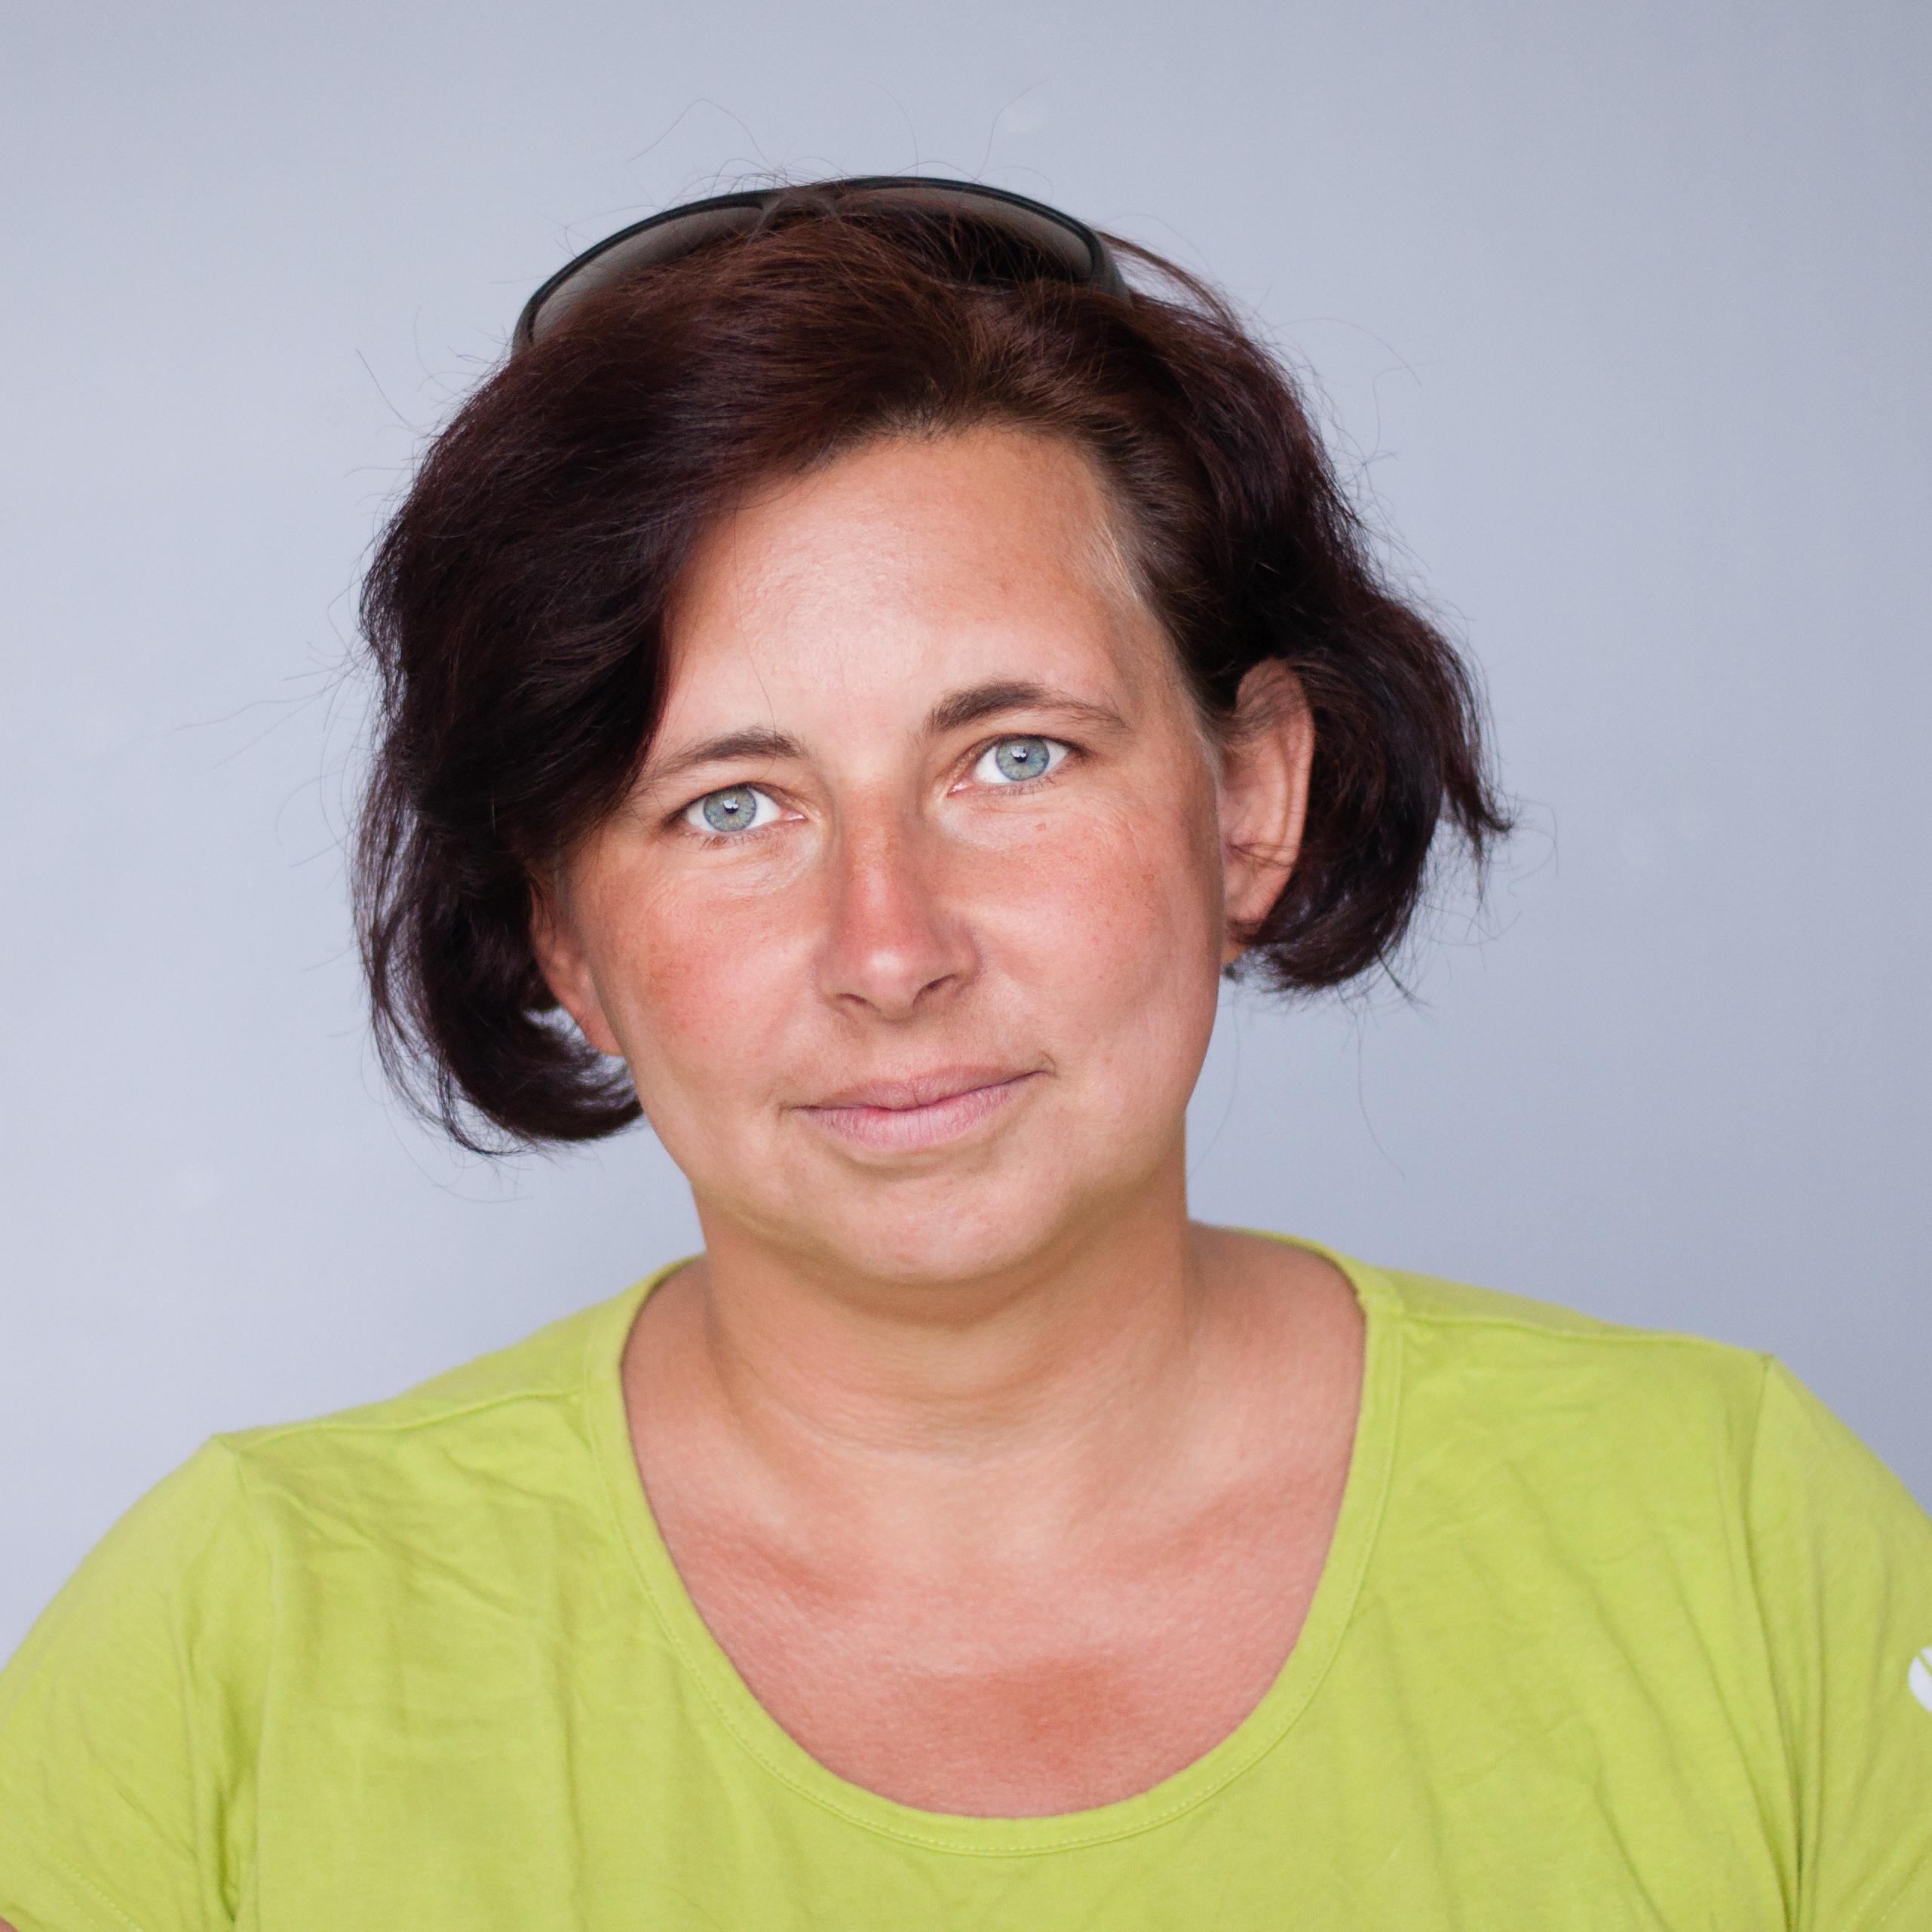 Lucie Stará photo